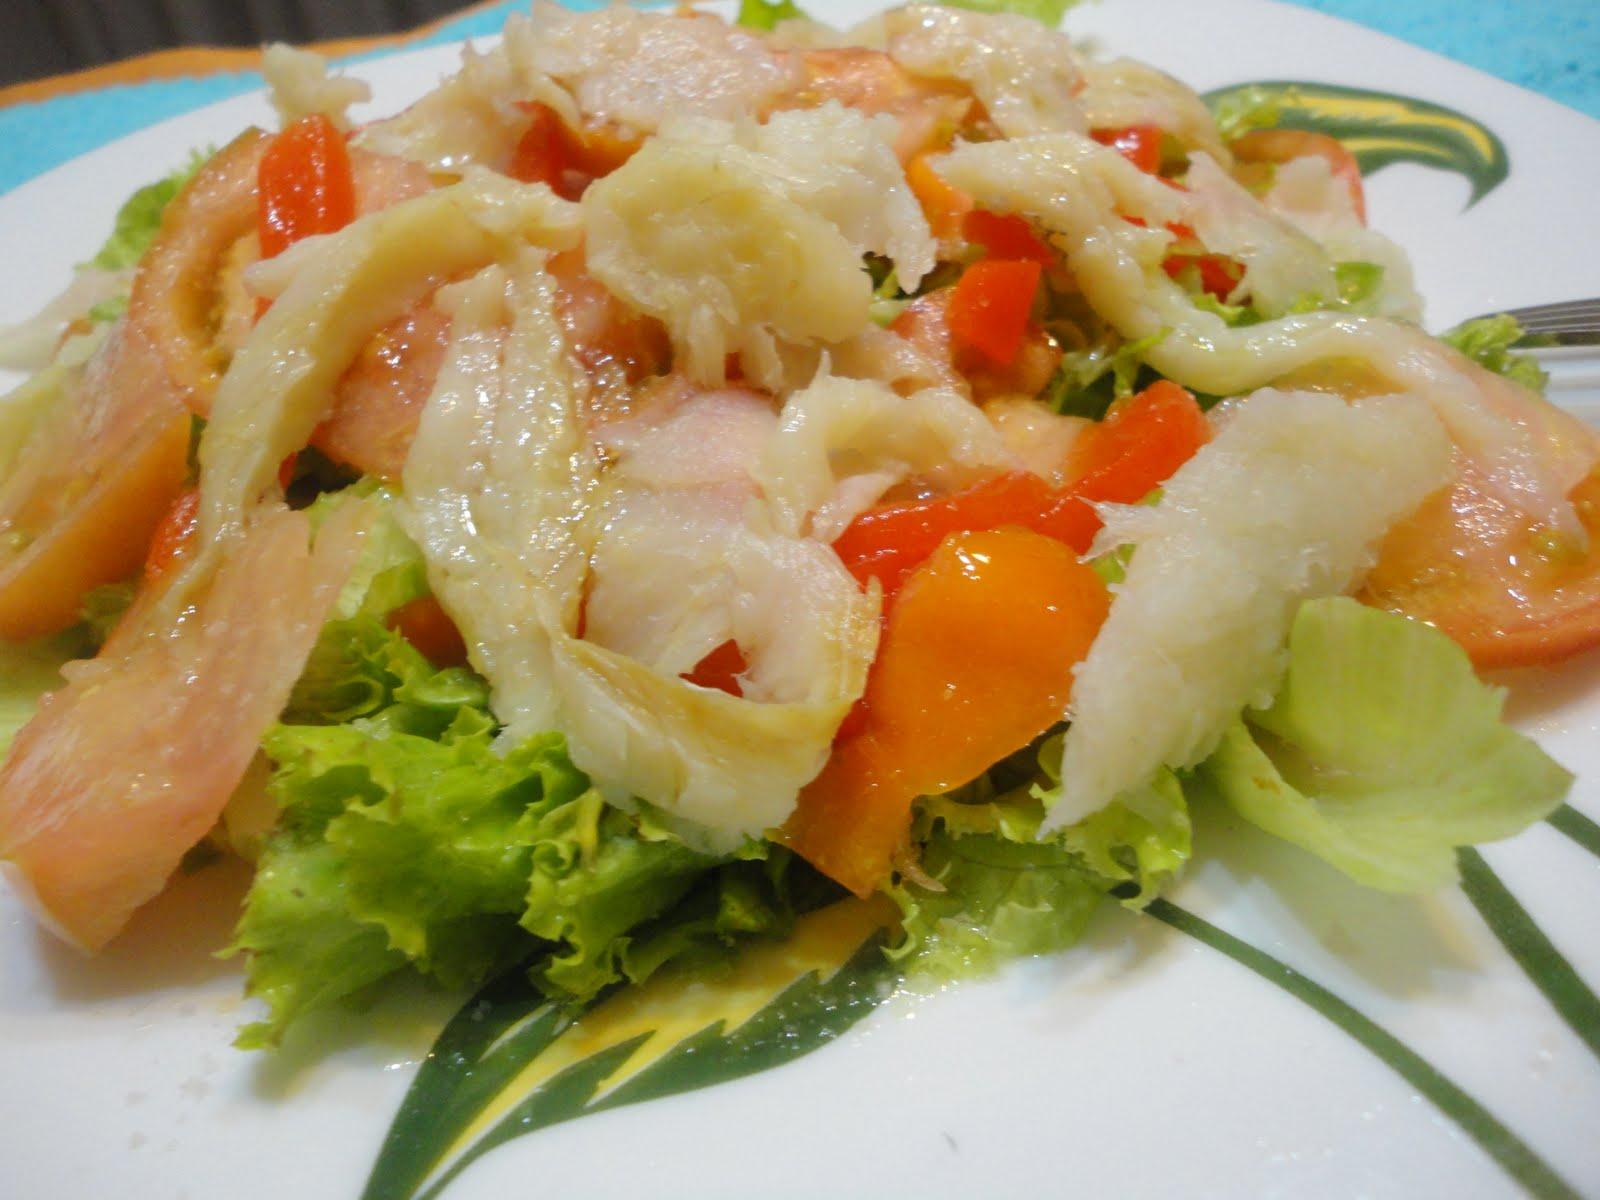 Las recetas de cheche ensalada de bacalao desalado - Cocinar bacalao desalado ...